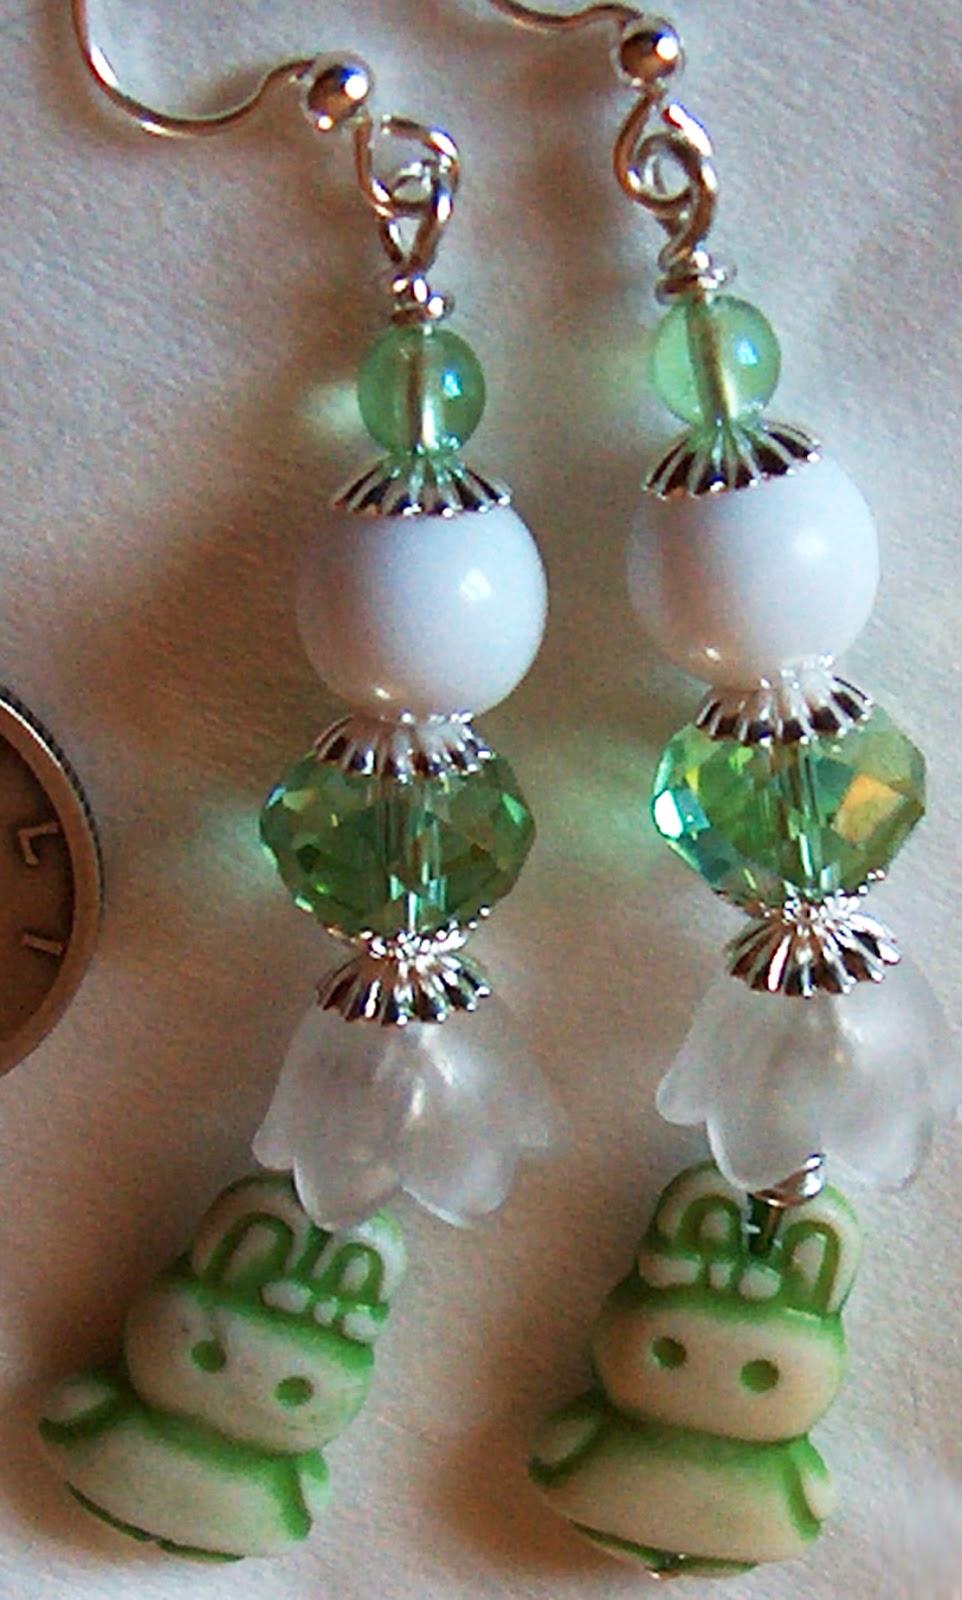 Green Rabbit Earrings